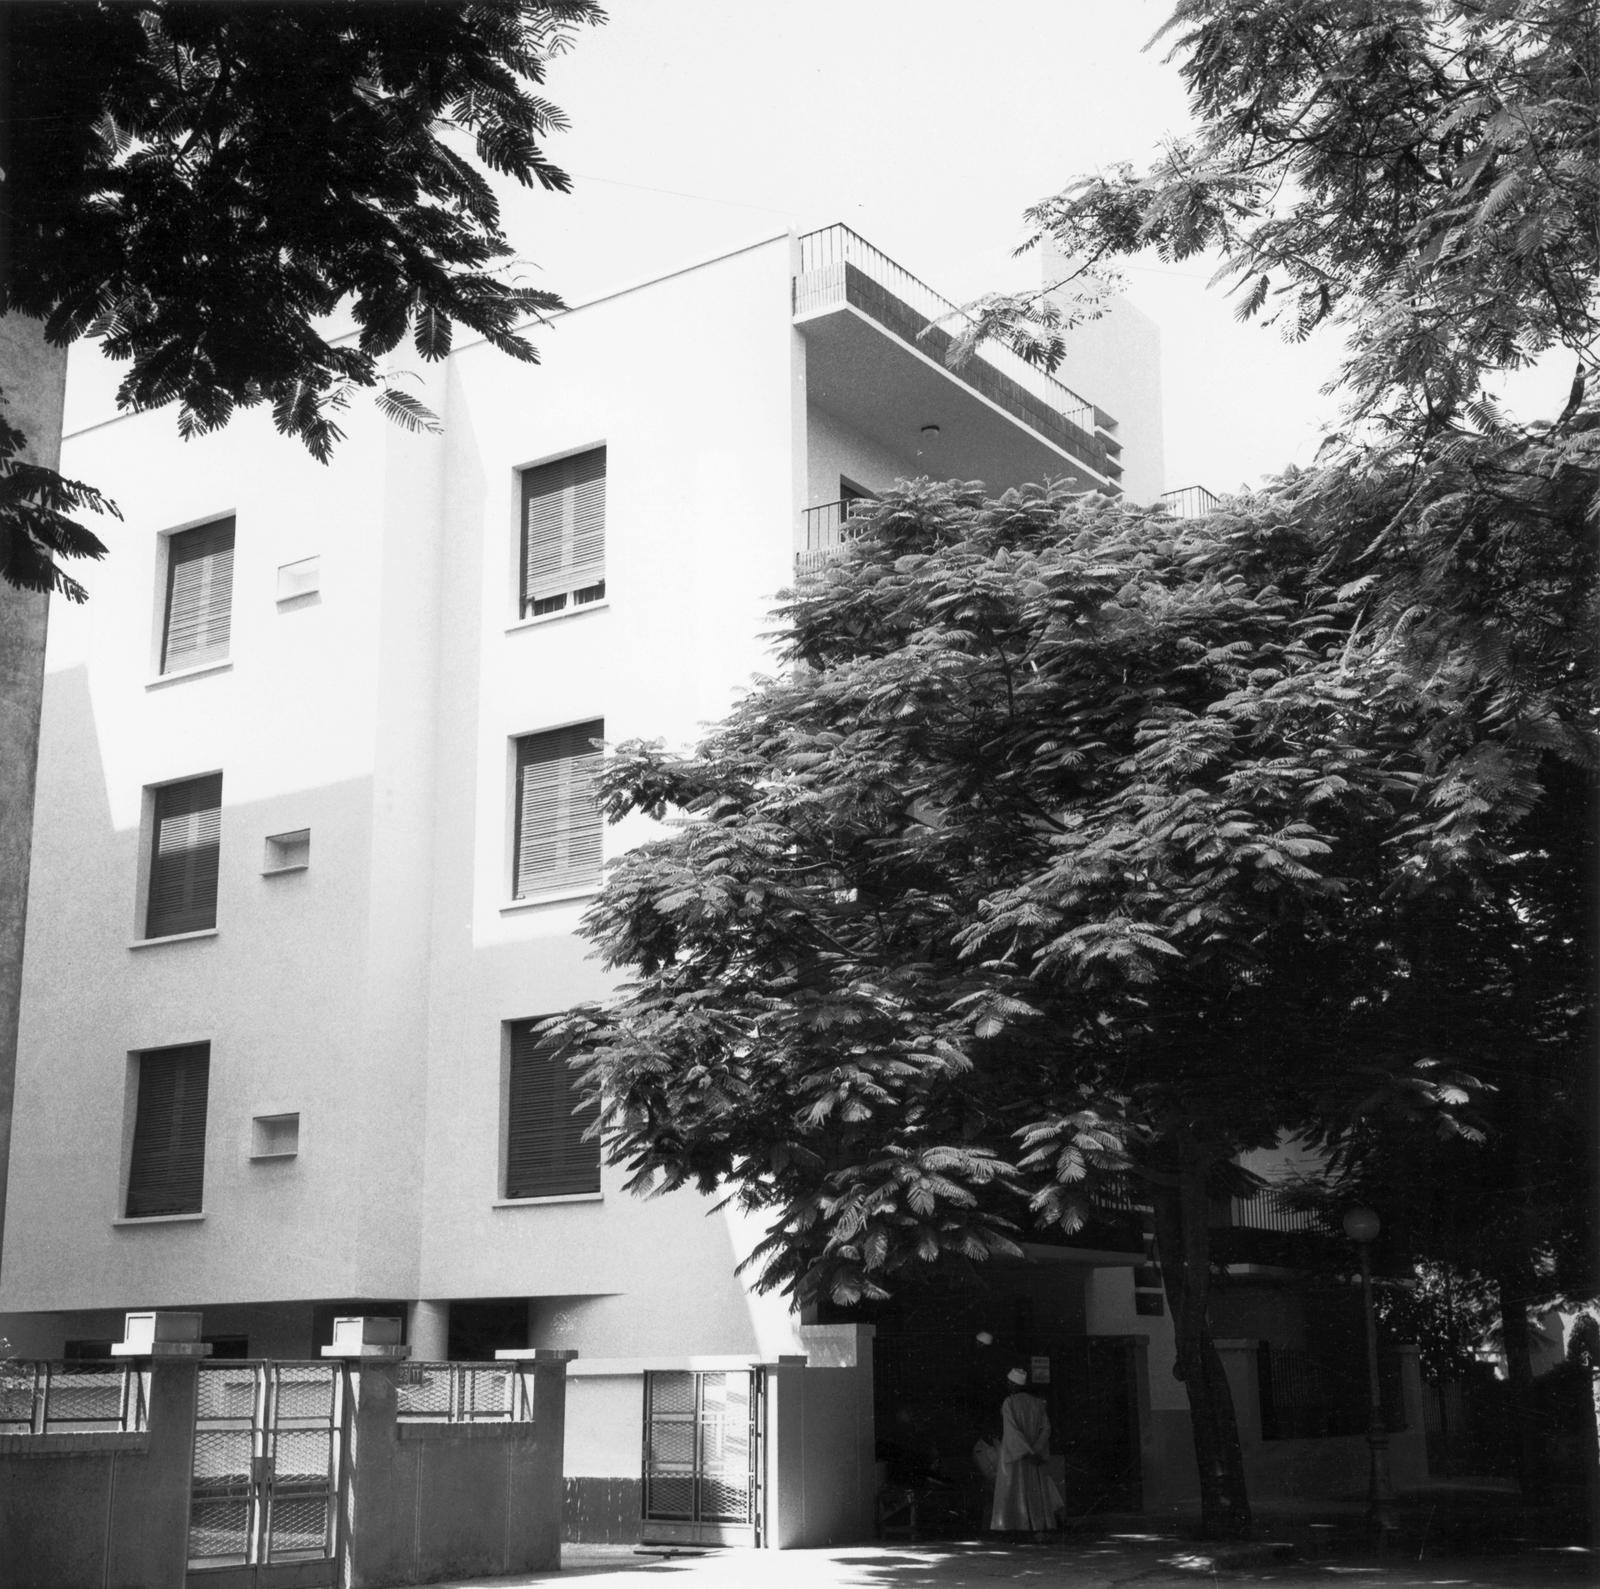 Cairo - Multi-Unit Residential Building - 1966